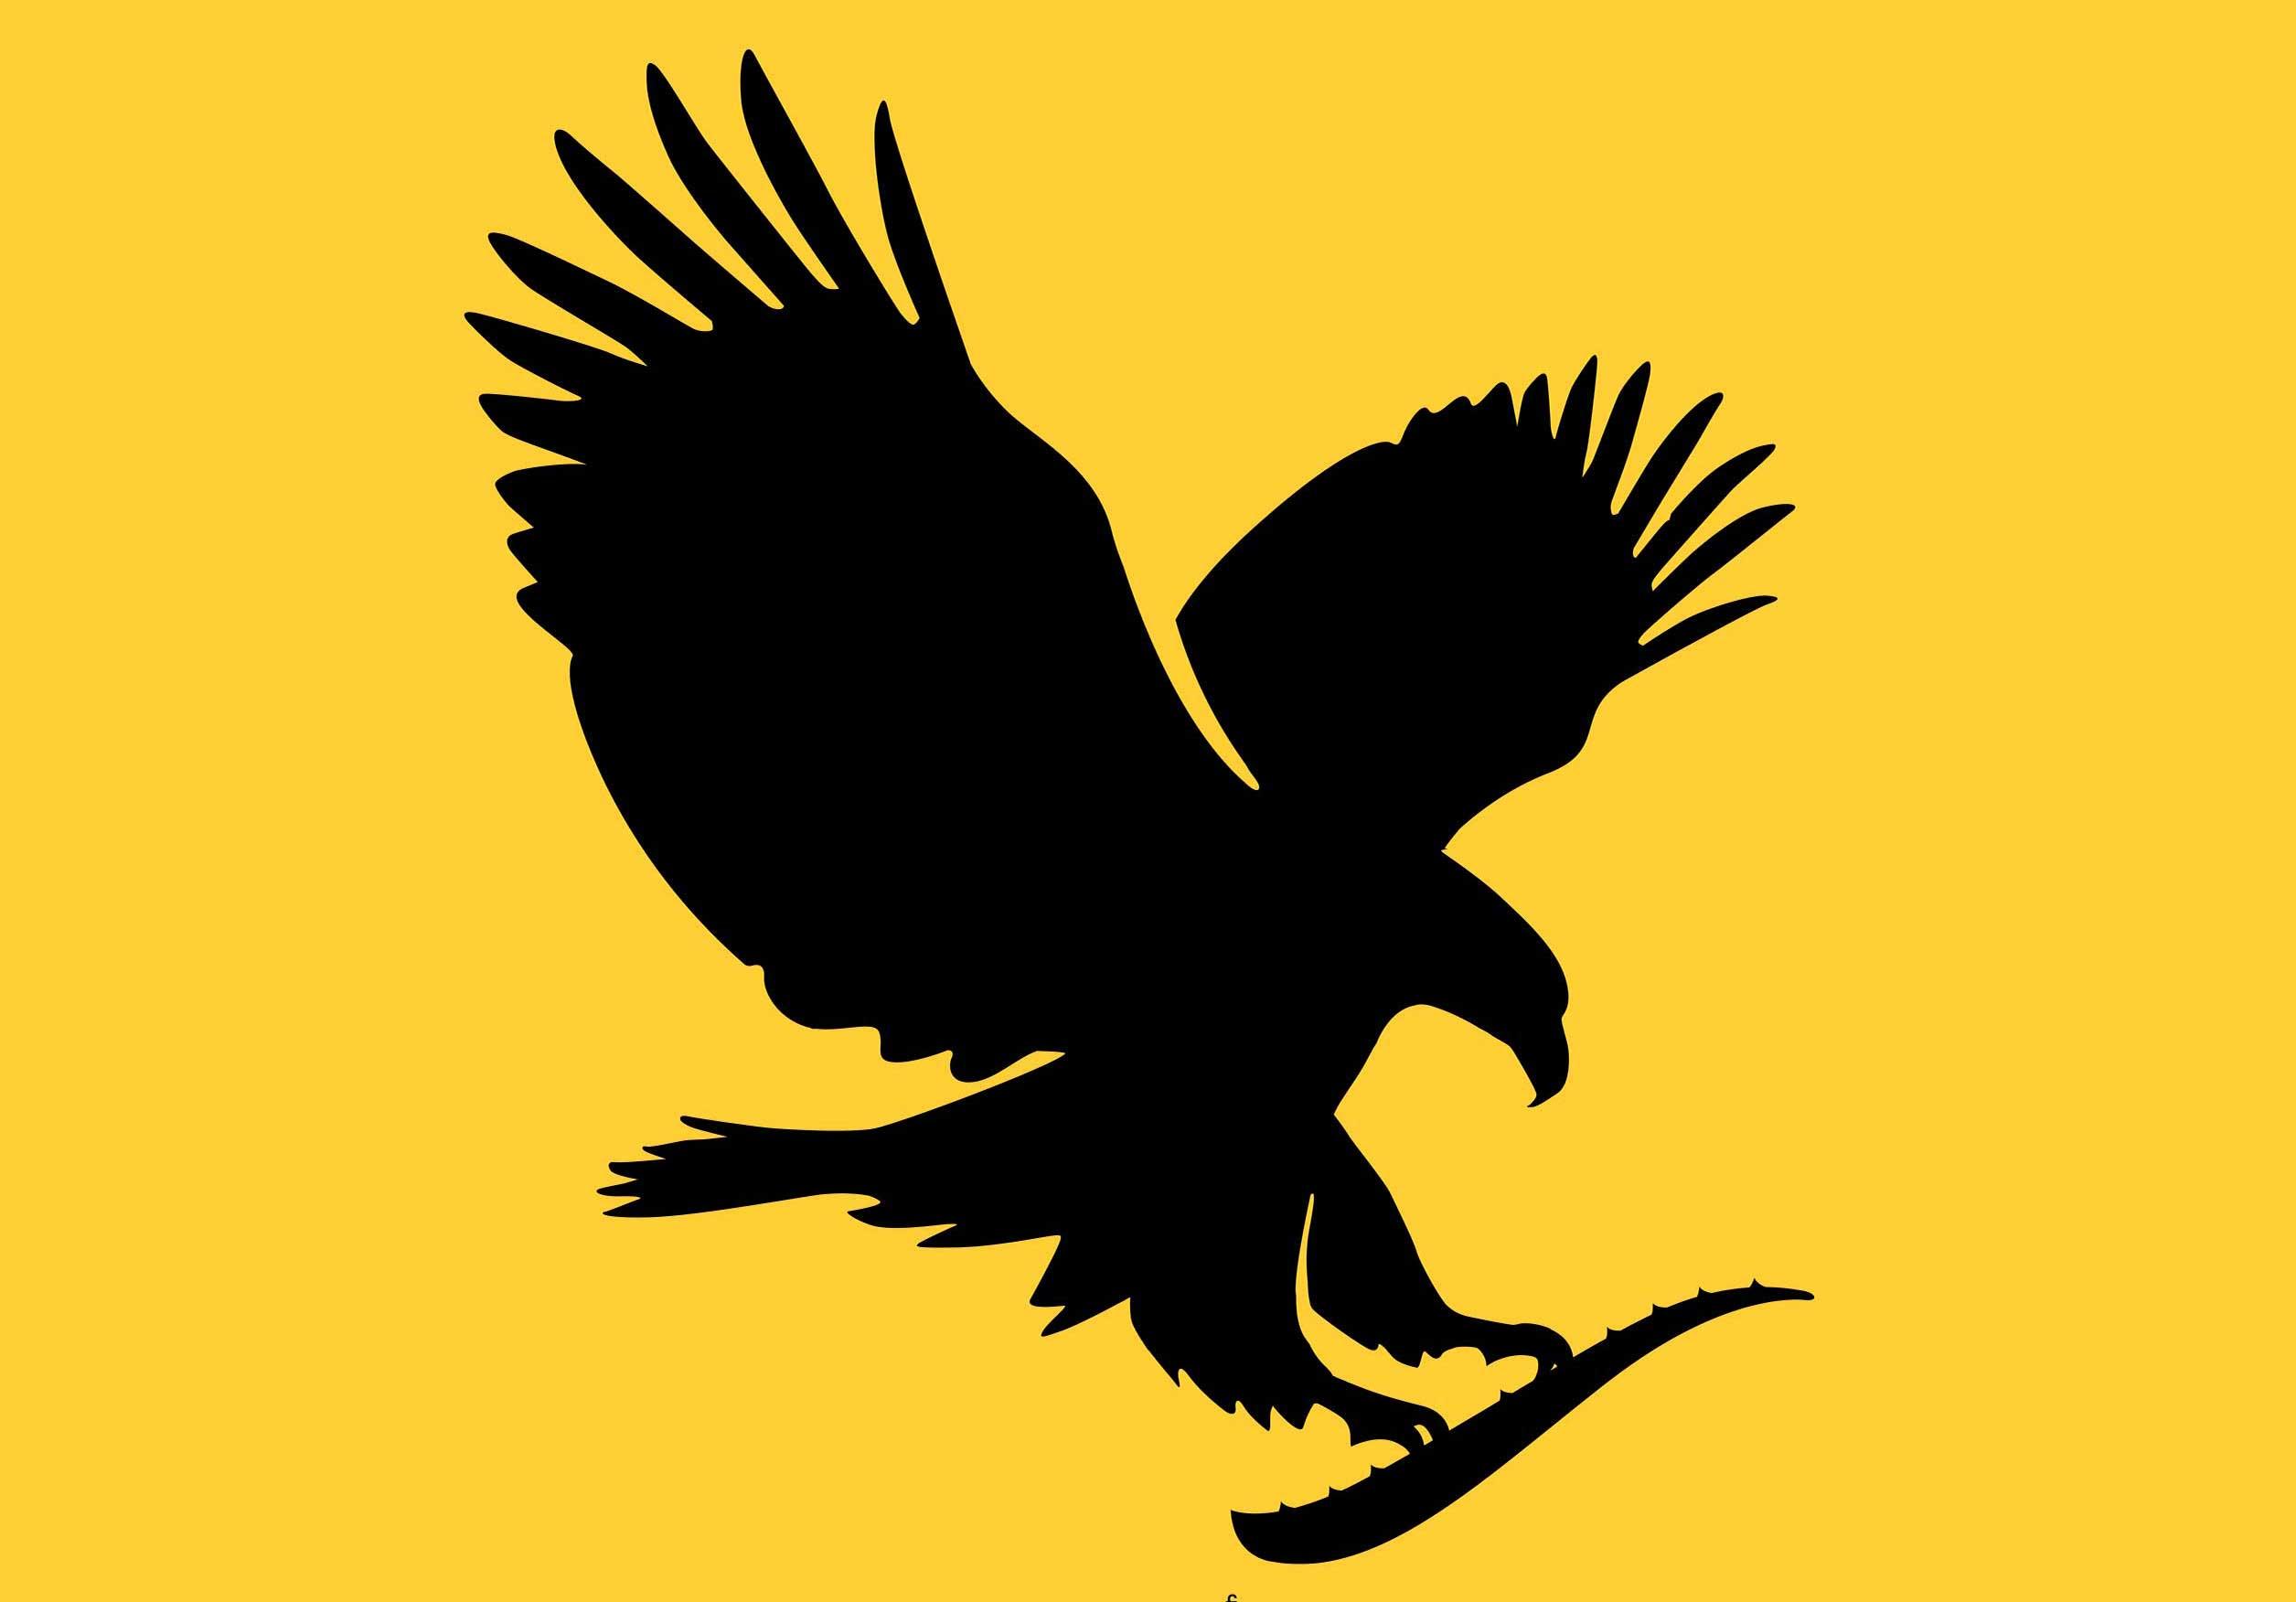 مميزات العمل في شركة فوريفر ليفينج برودكتس الامريكية متجر منتجات فوريفر